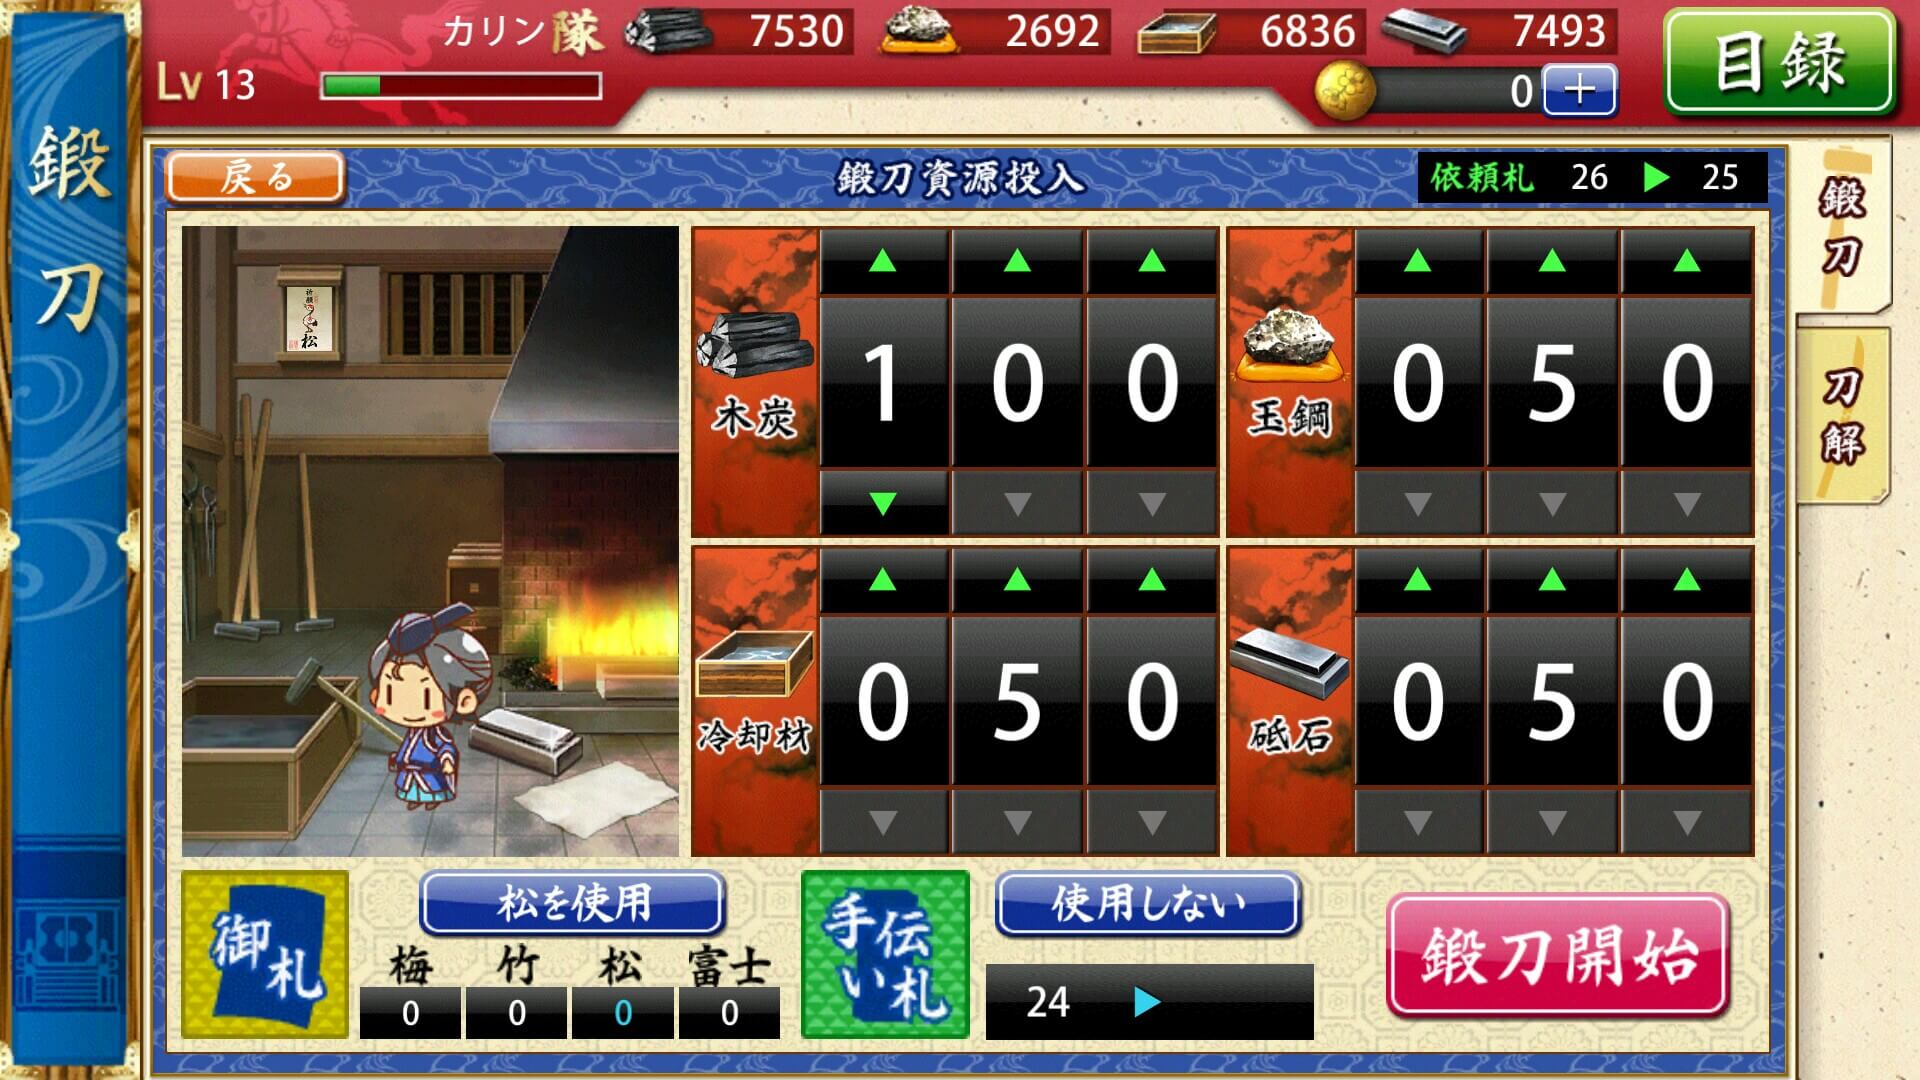 刀剣乱舞-ONLINE- Pocket00011 鍛刀資源投入